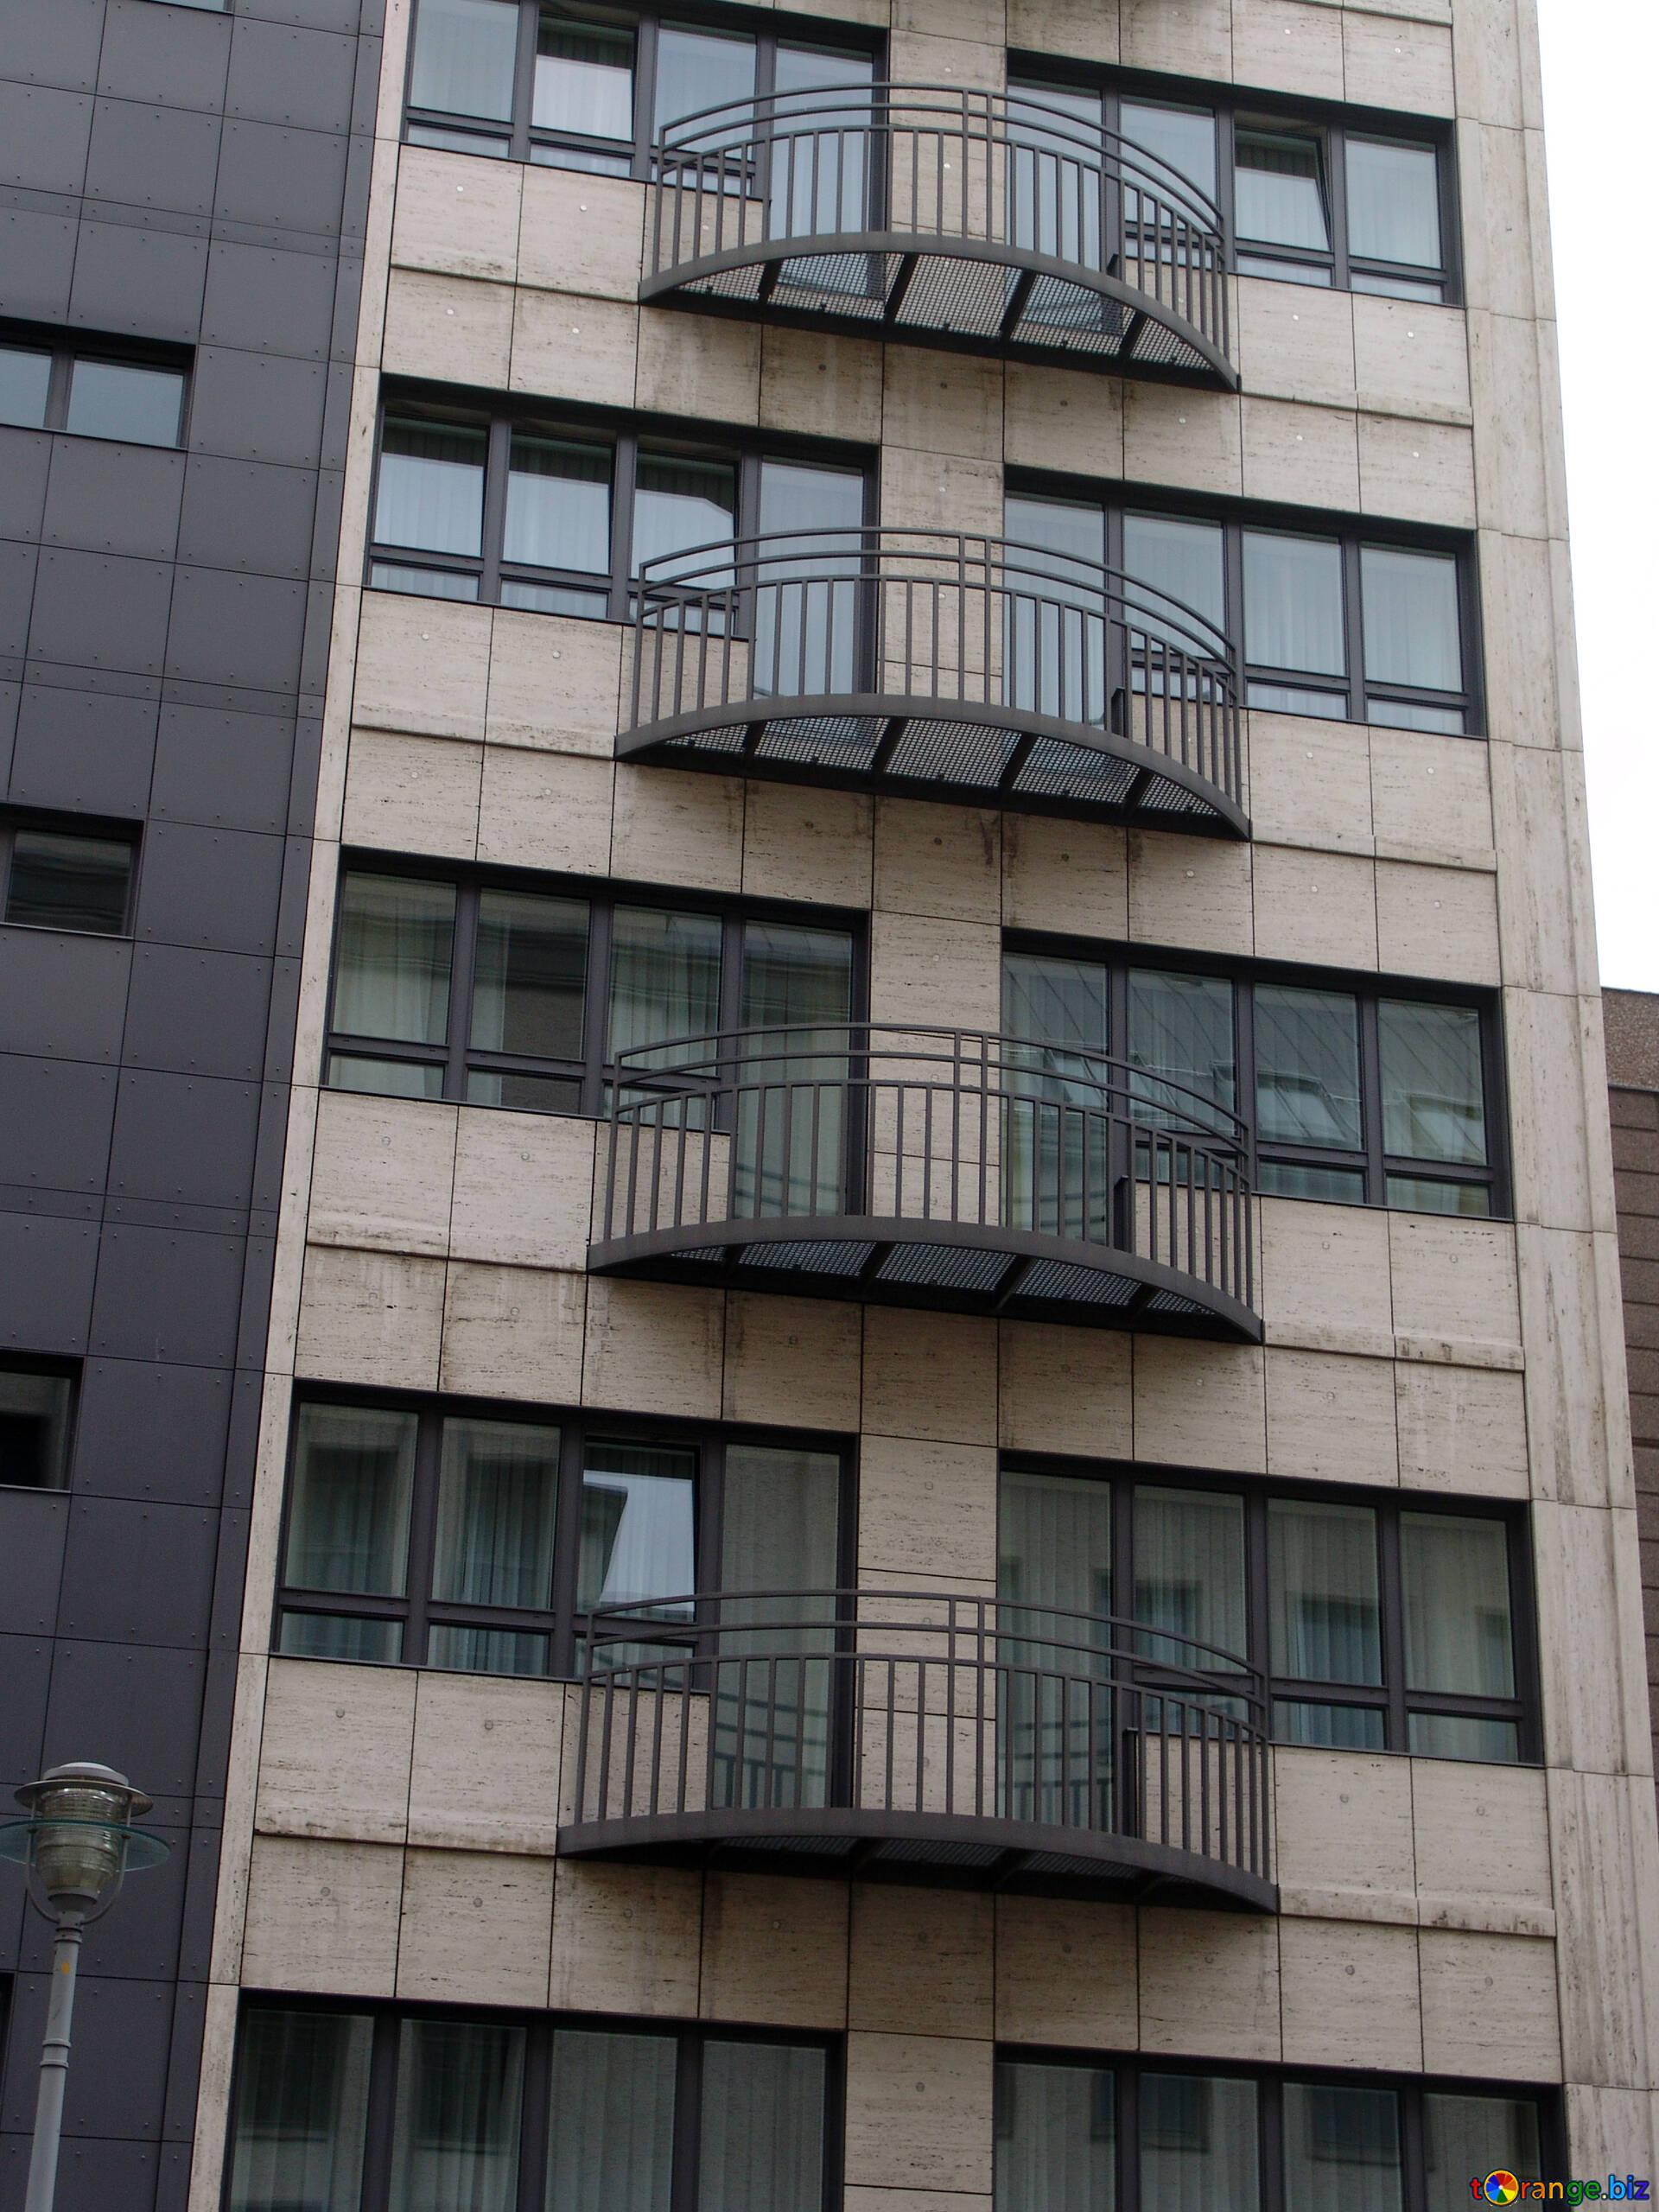 Balconies Transparent Balcony Berlin 12103